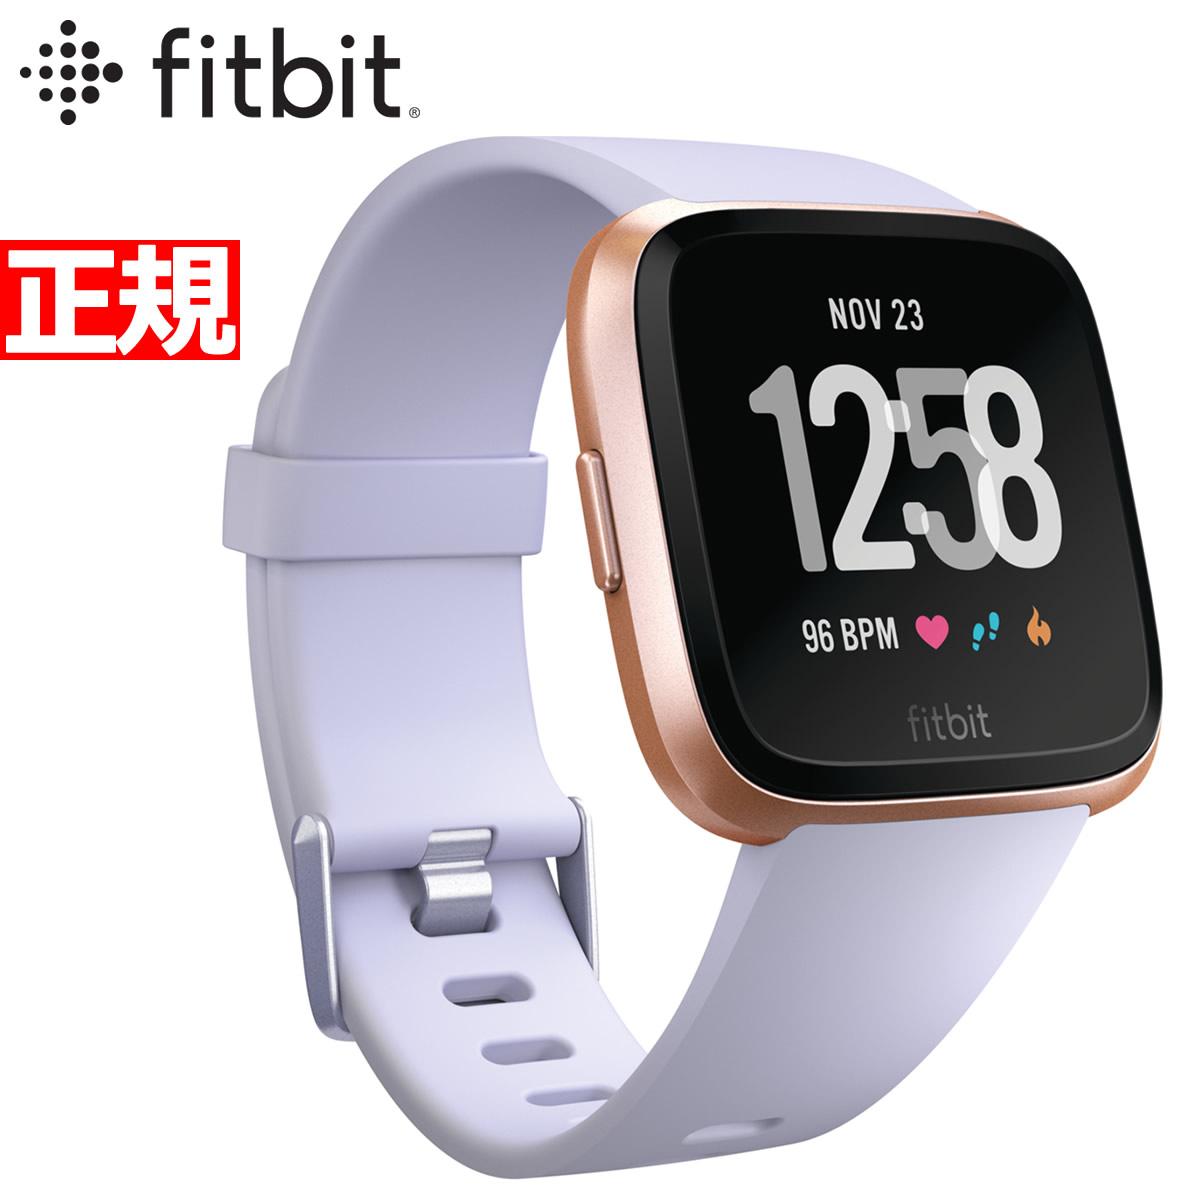 【2000円OFFクーポン&店内ポイント最大45倍!9日1時59分まで】Fitbit フィットビット Versa ヴァーサ フィットネス スマートウォッチ ウェアラブル端末 腕時計 メンズ レディース Rose Gold/Periwinkle FB505RGABLV-EU